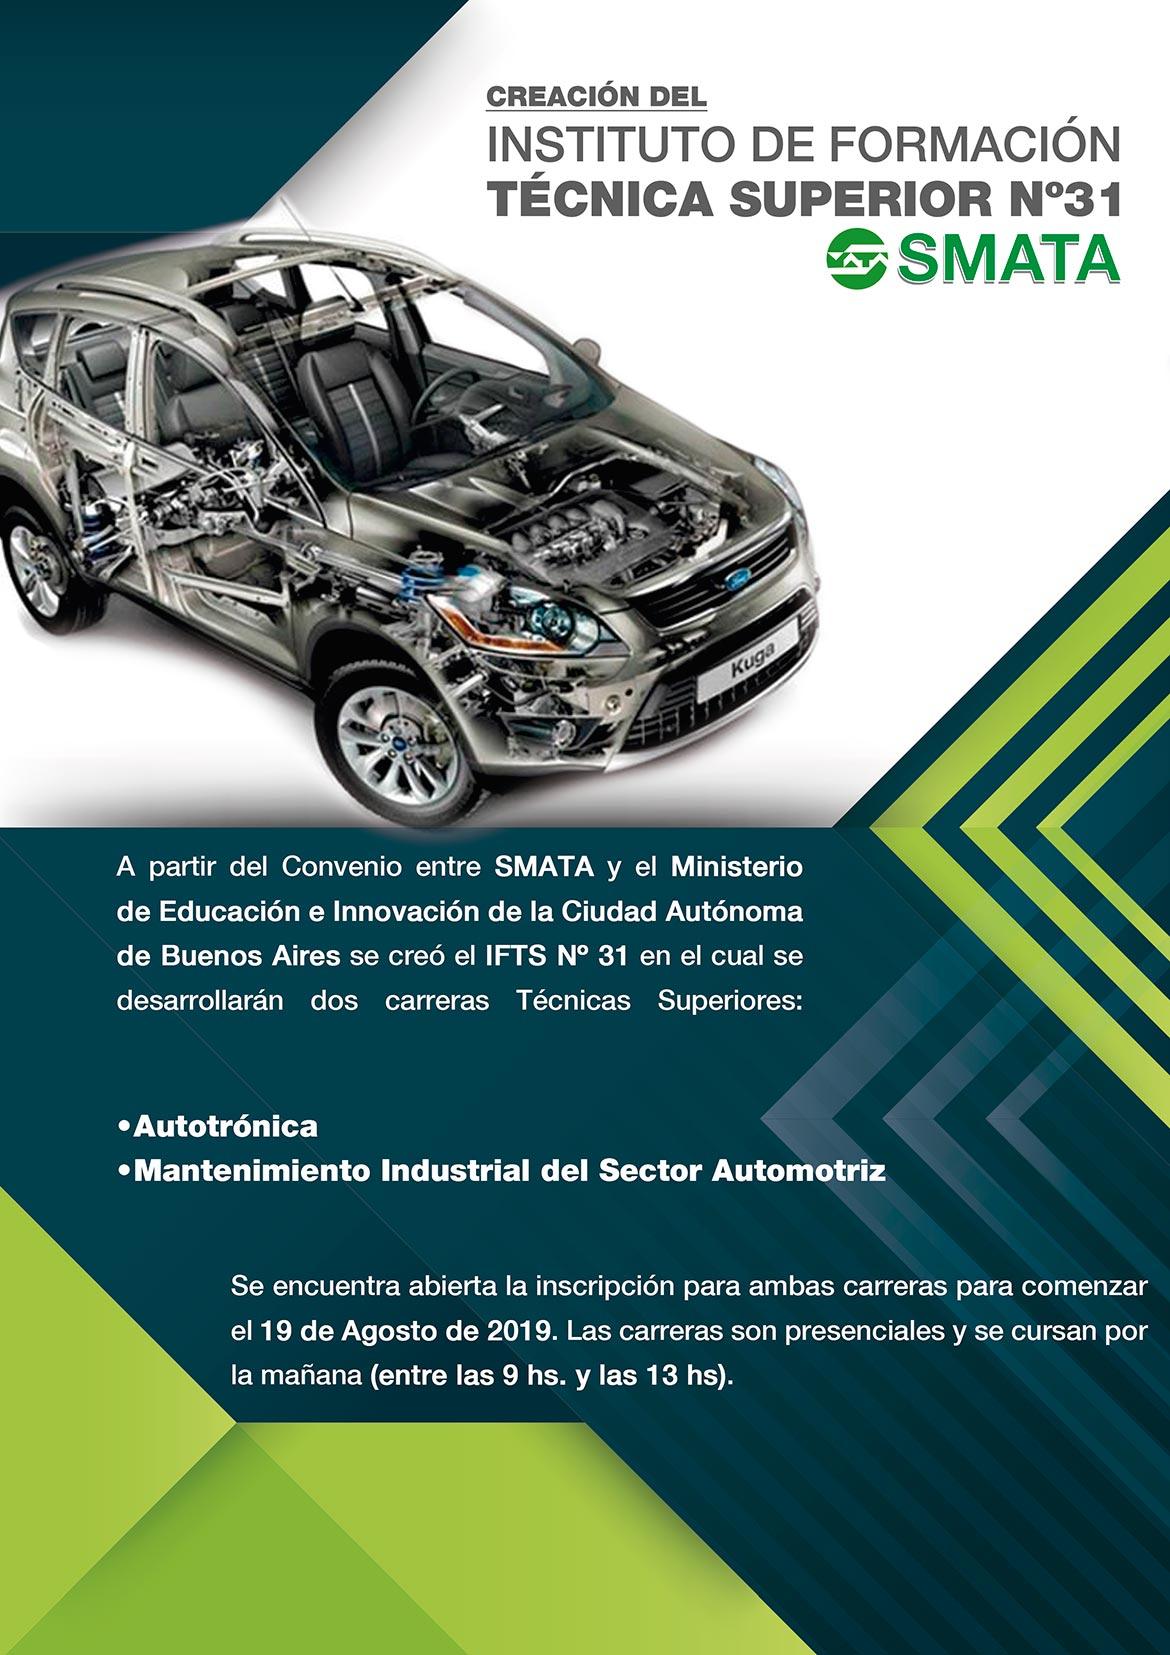 Instituto de Formación Técnica N° 31 SMATA